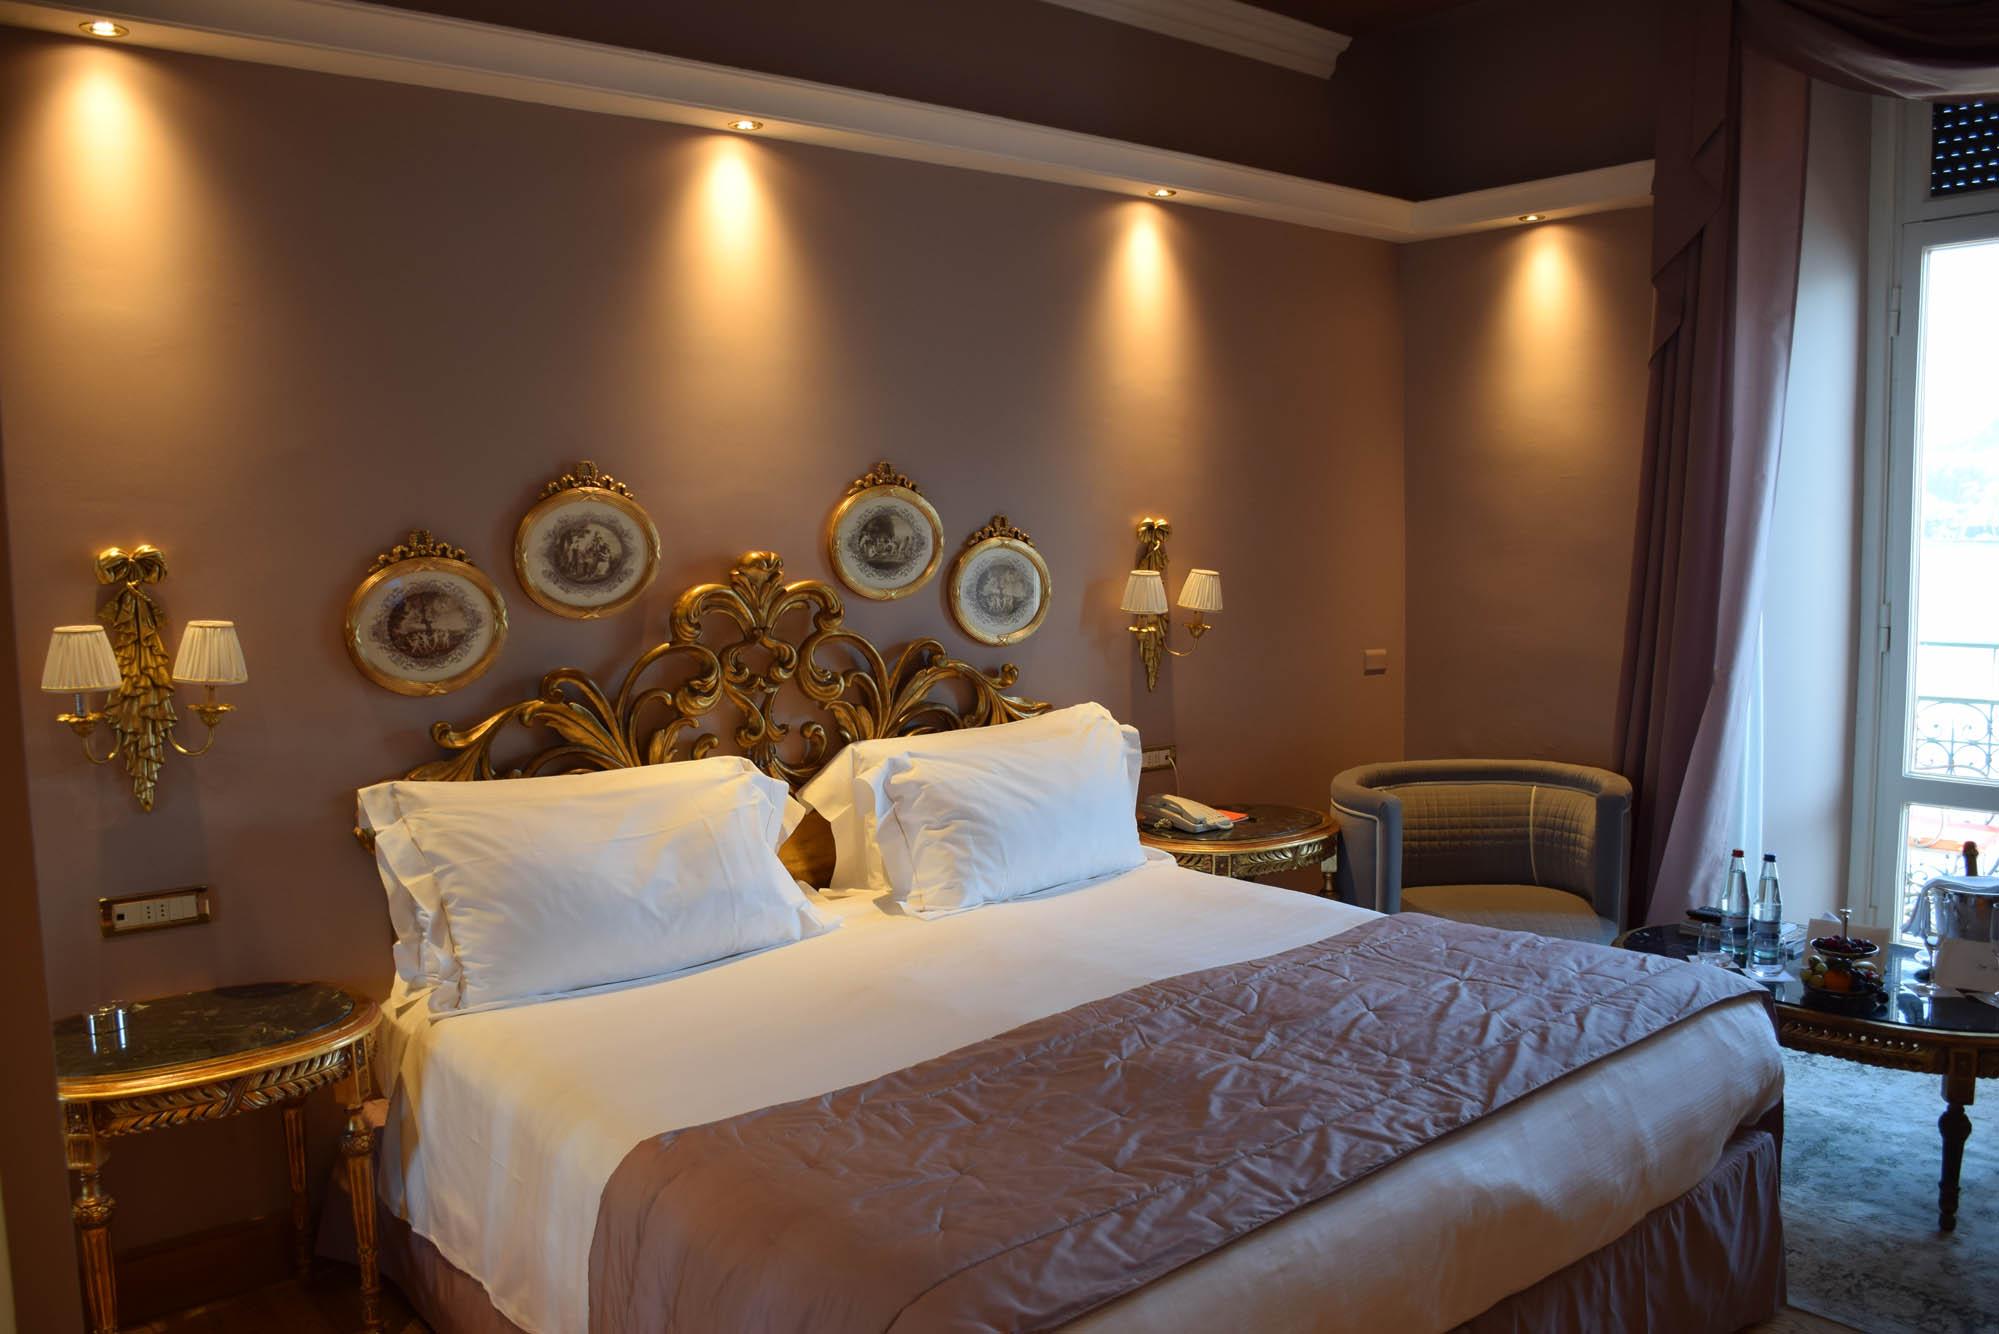 grand-hotel-tremezzo-lago-di-como-lake-italia-dicas-04